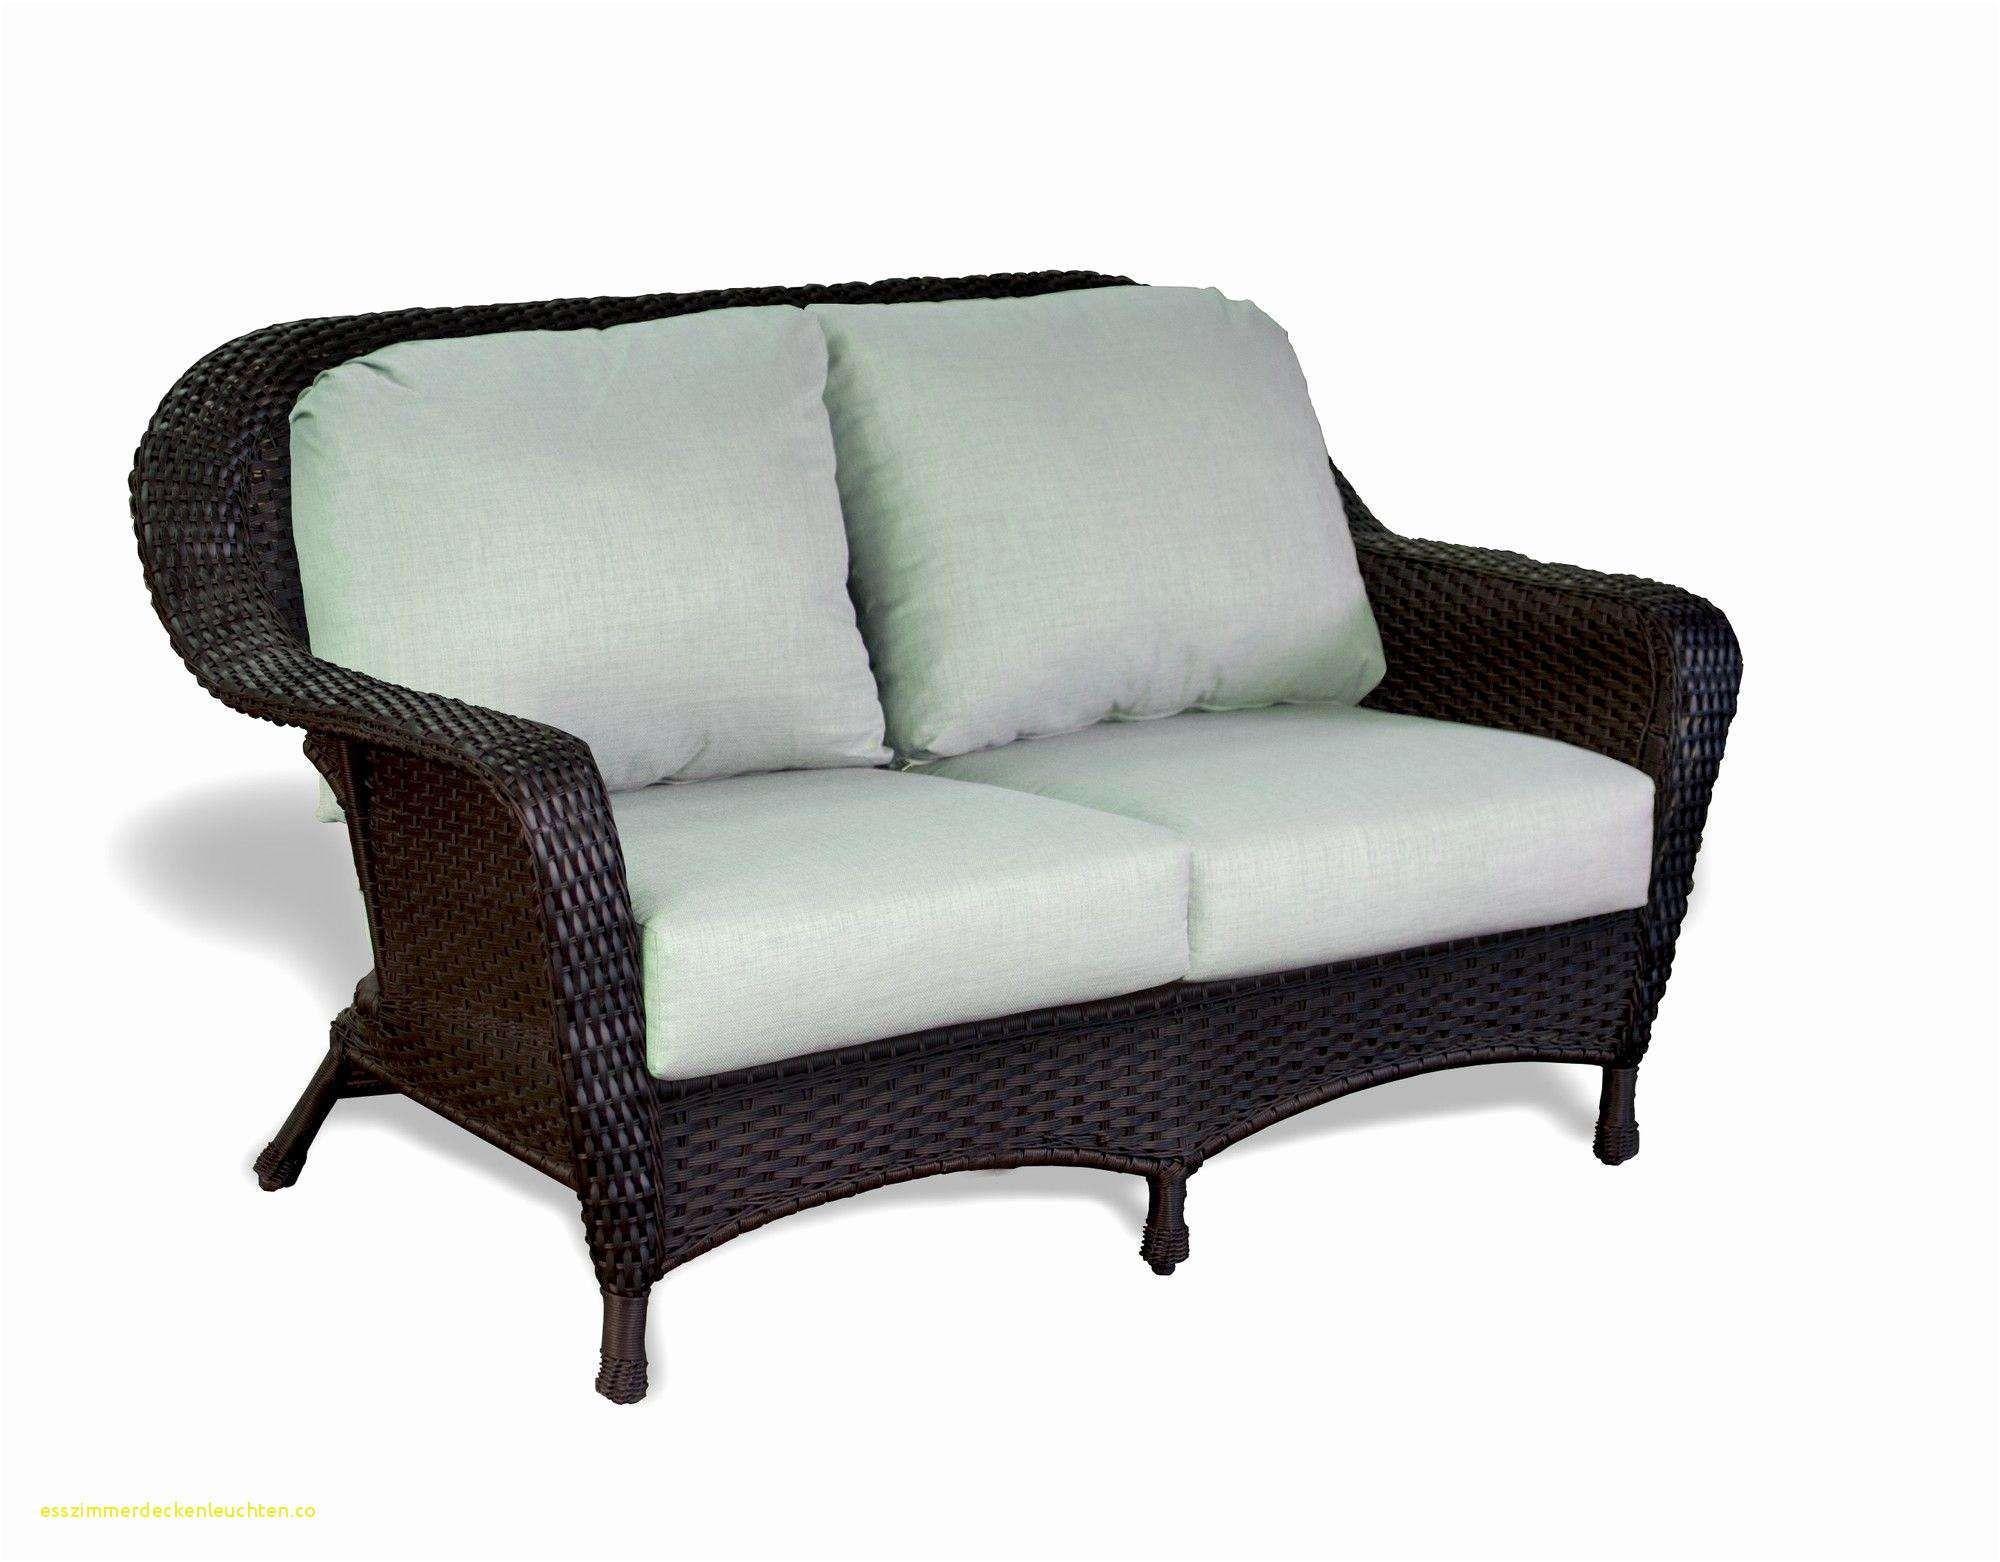 31 Genial Sofa Mit Bettkasten Pic Design Von Couch Mit Bettkasten